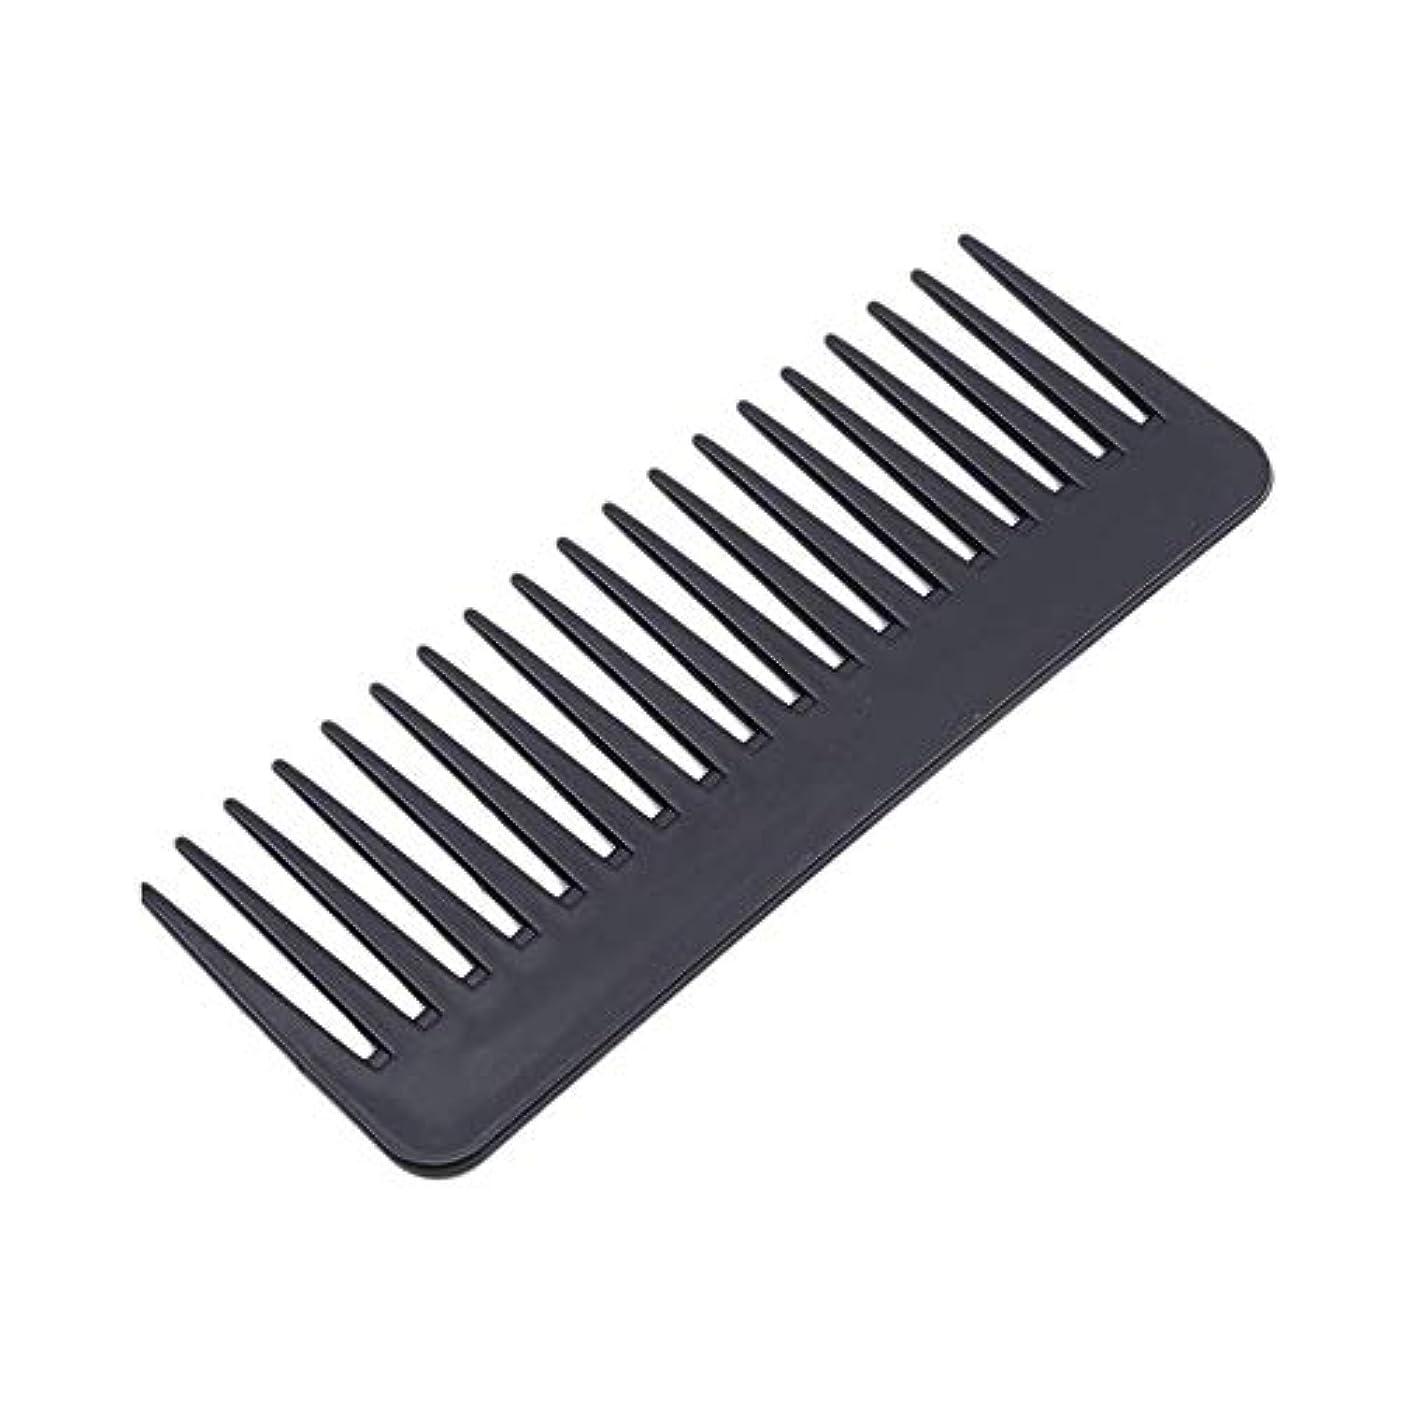 起点隣接インド1st market 広い歯の櫛の腹筋理髪ツールの ための耐熱性プラスチック大きな歯の櫛